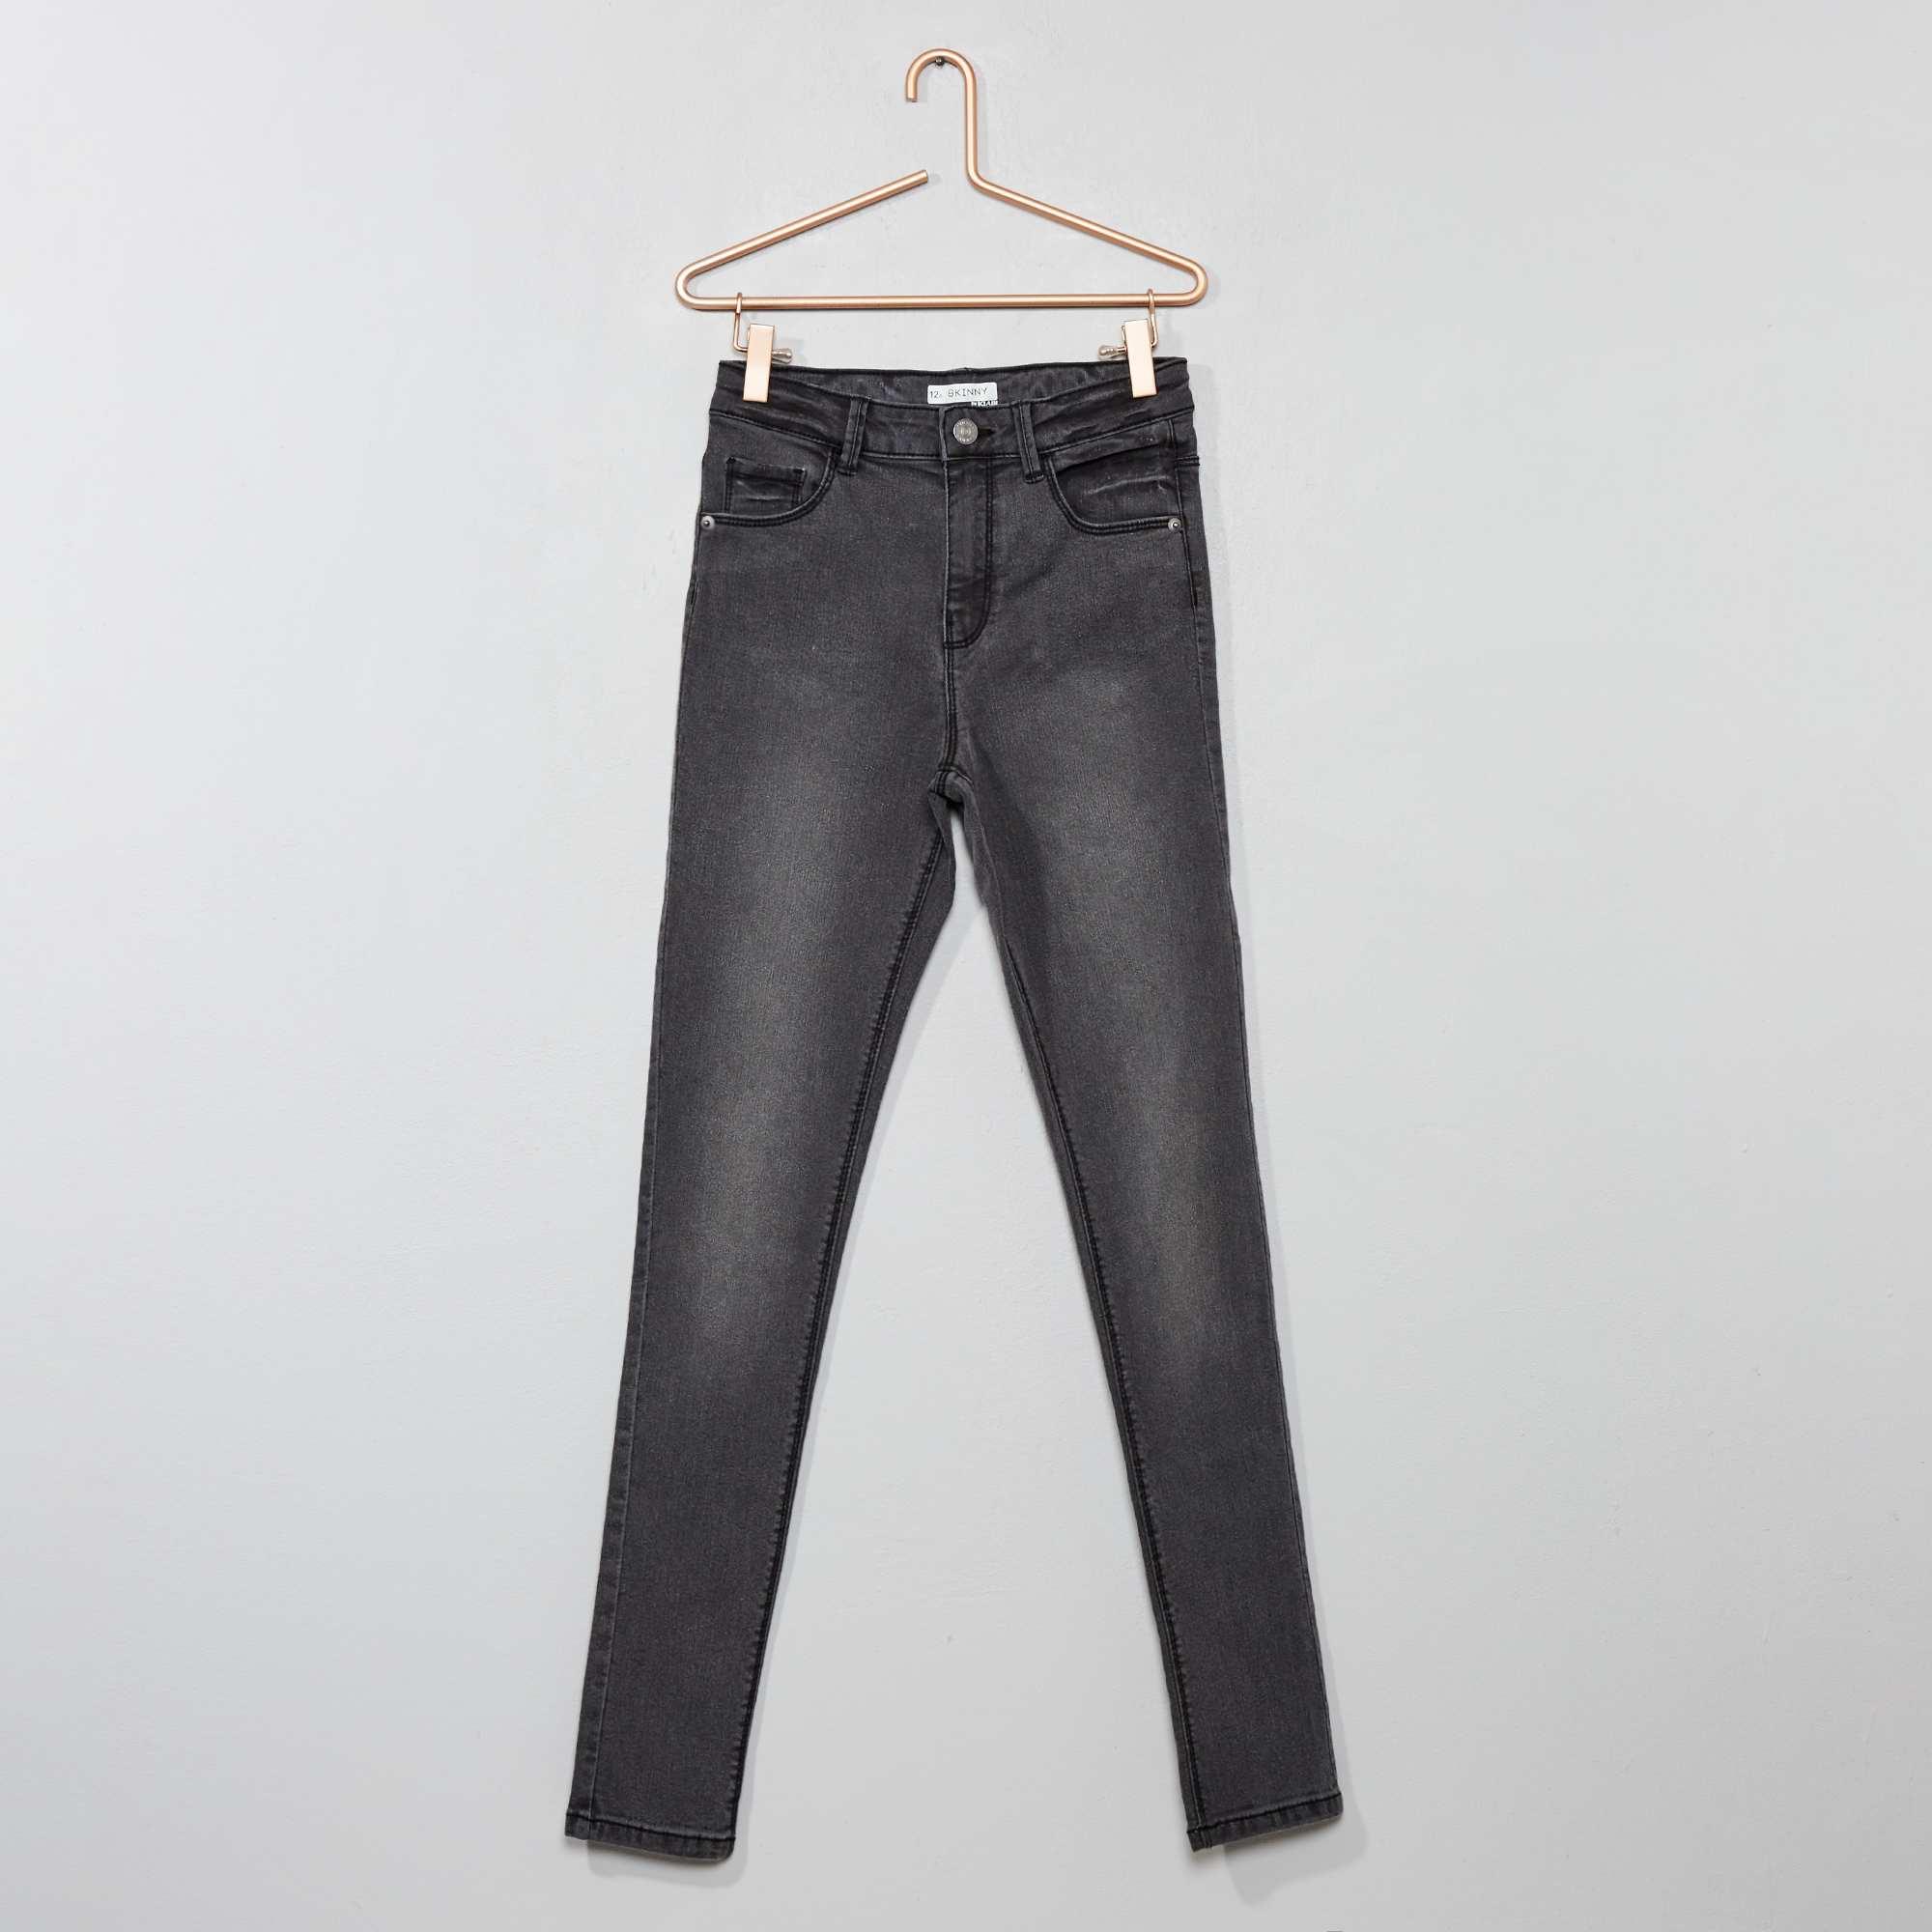 564b36ca4a Jean skinny taille haute Fille adolescente - gris foncé - Kiabi - 9,00€